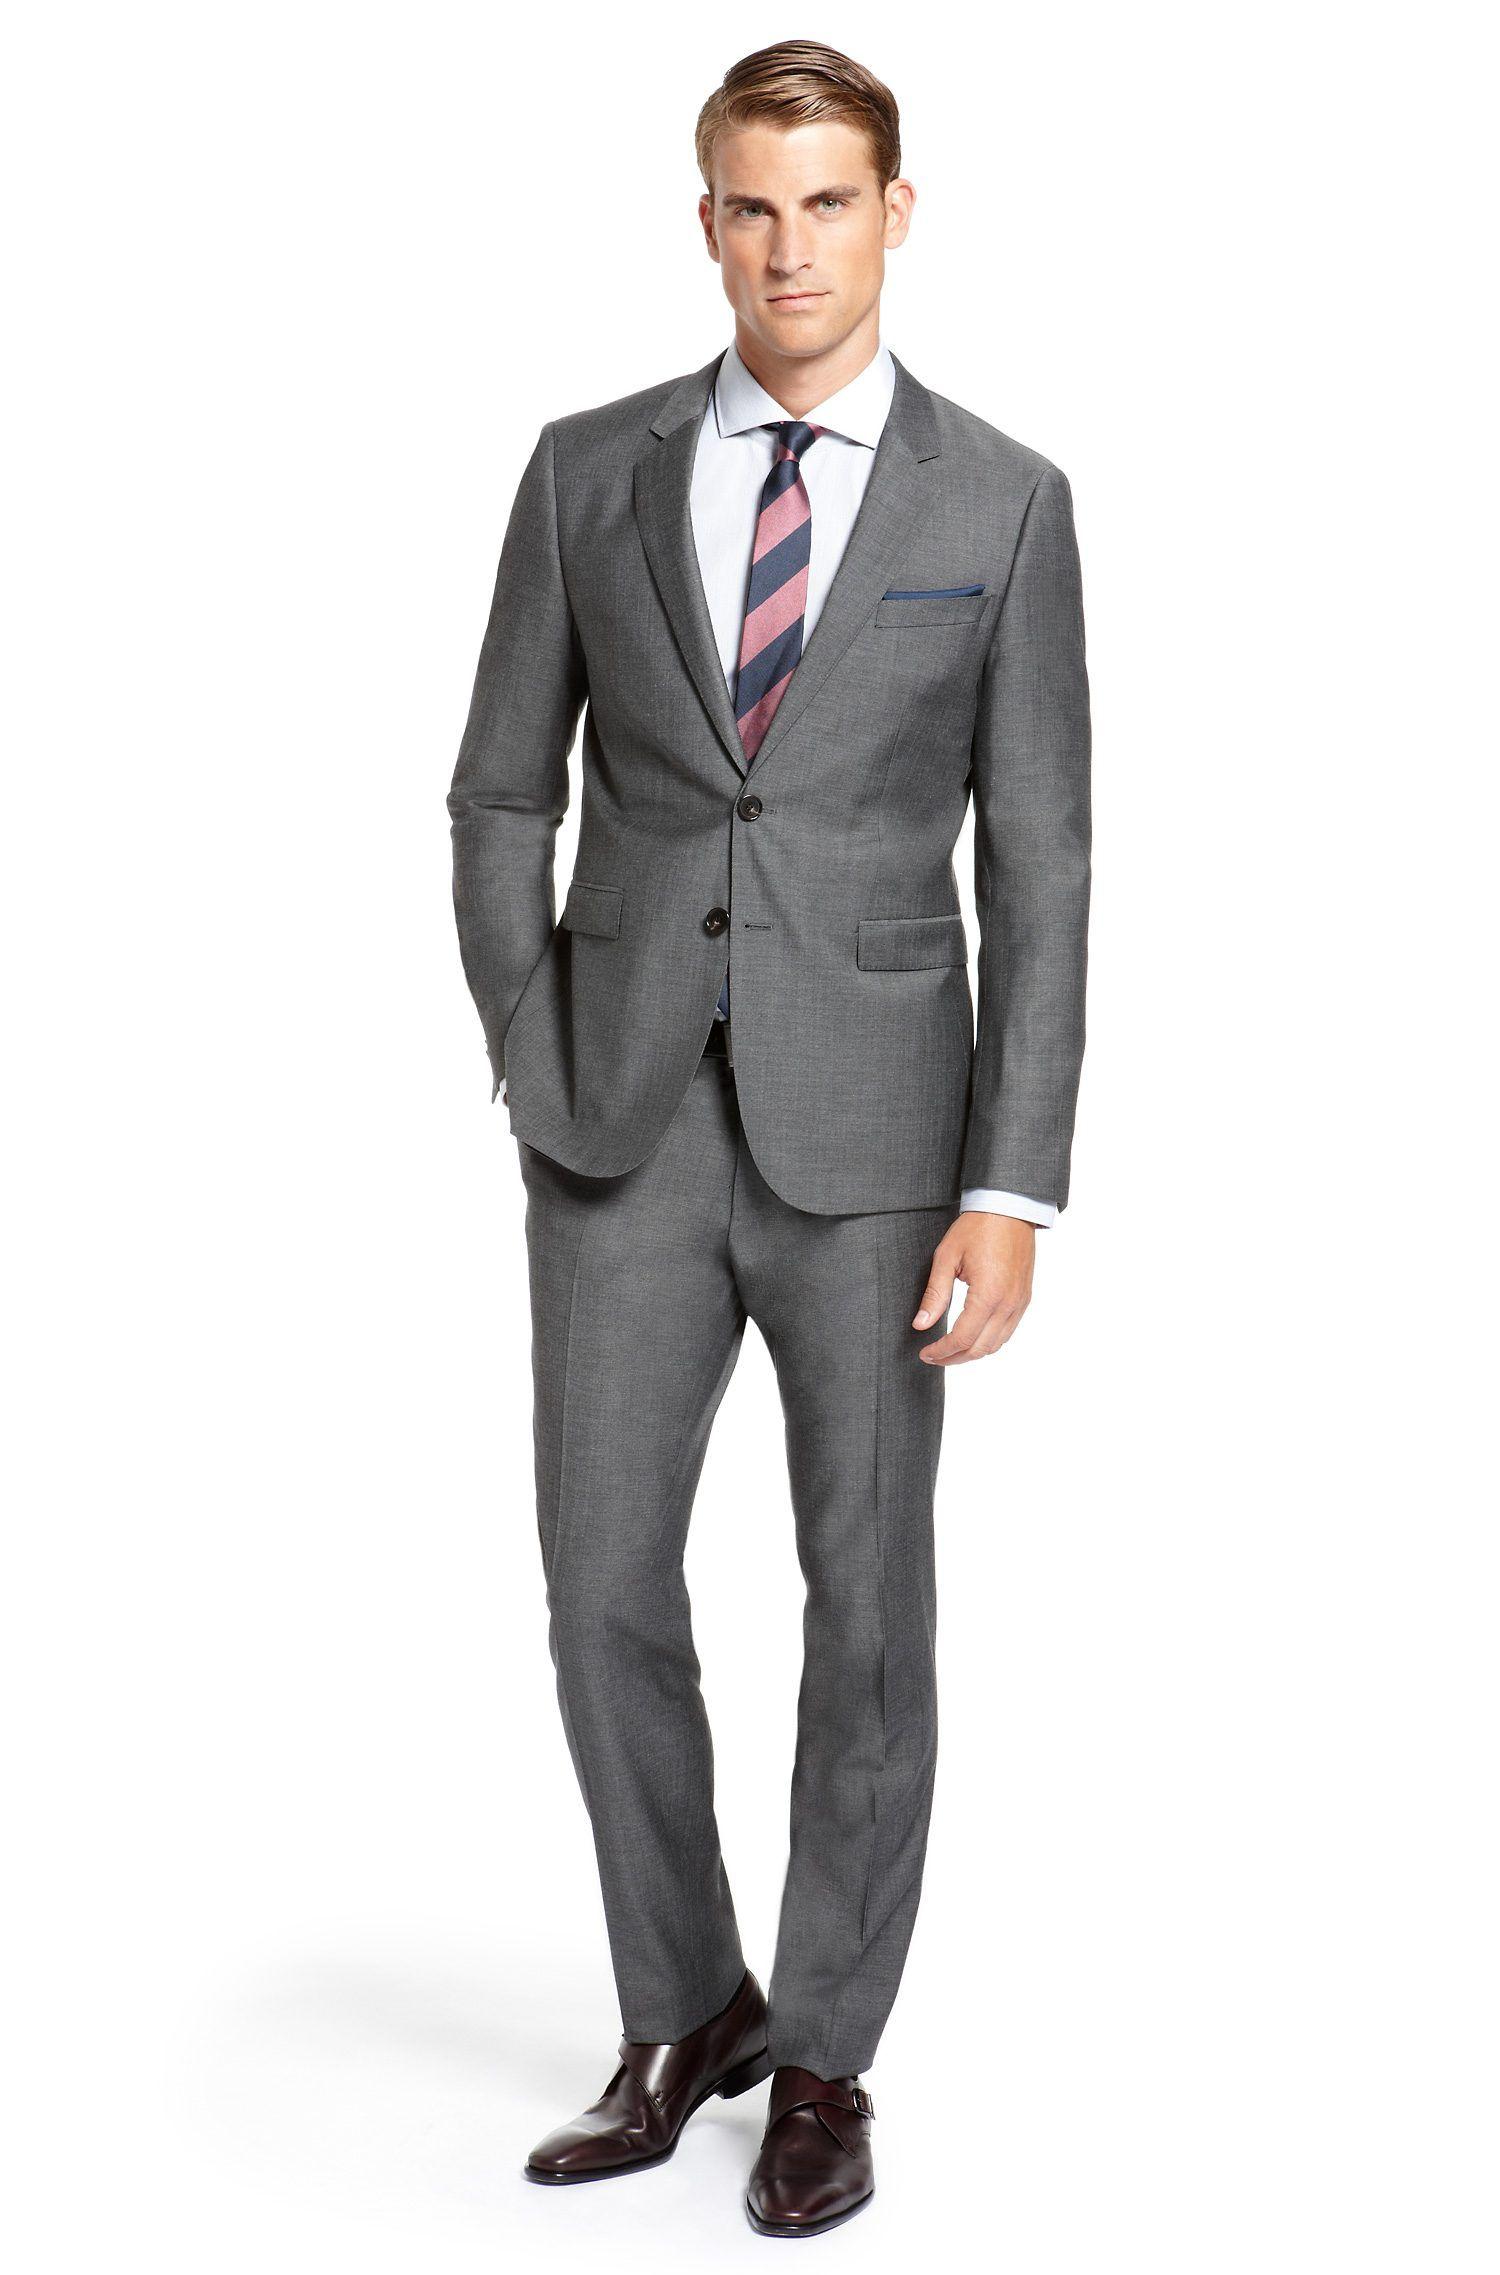 The+suit+men | Grey Business Men Suit